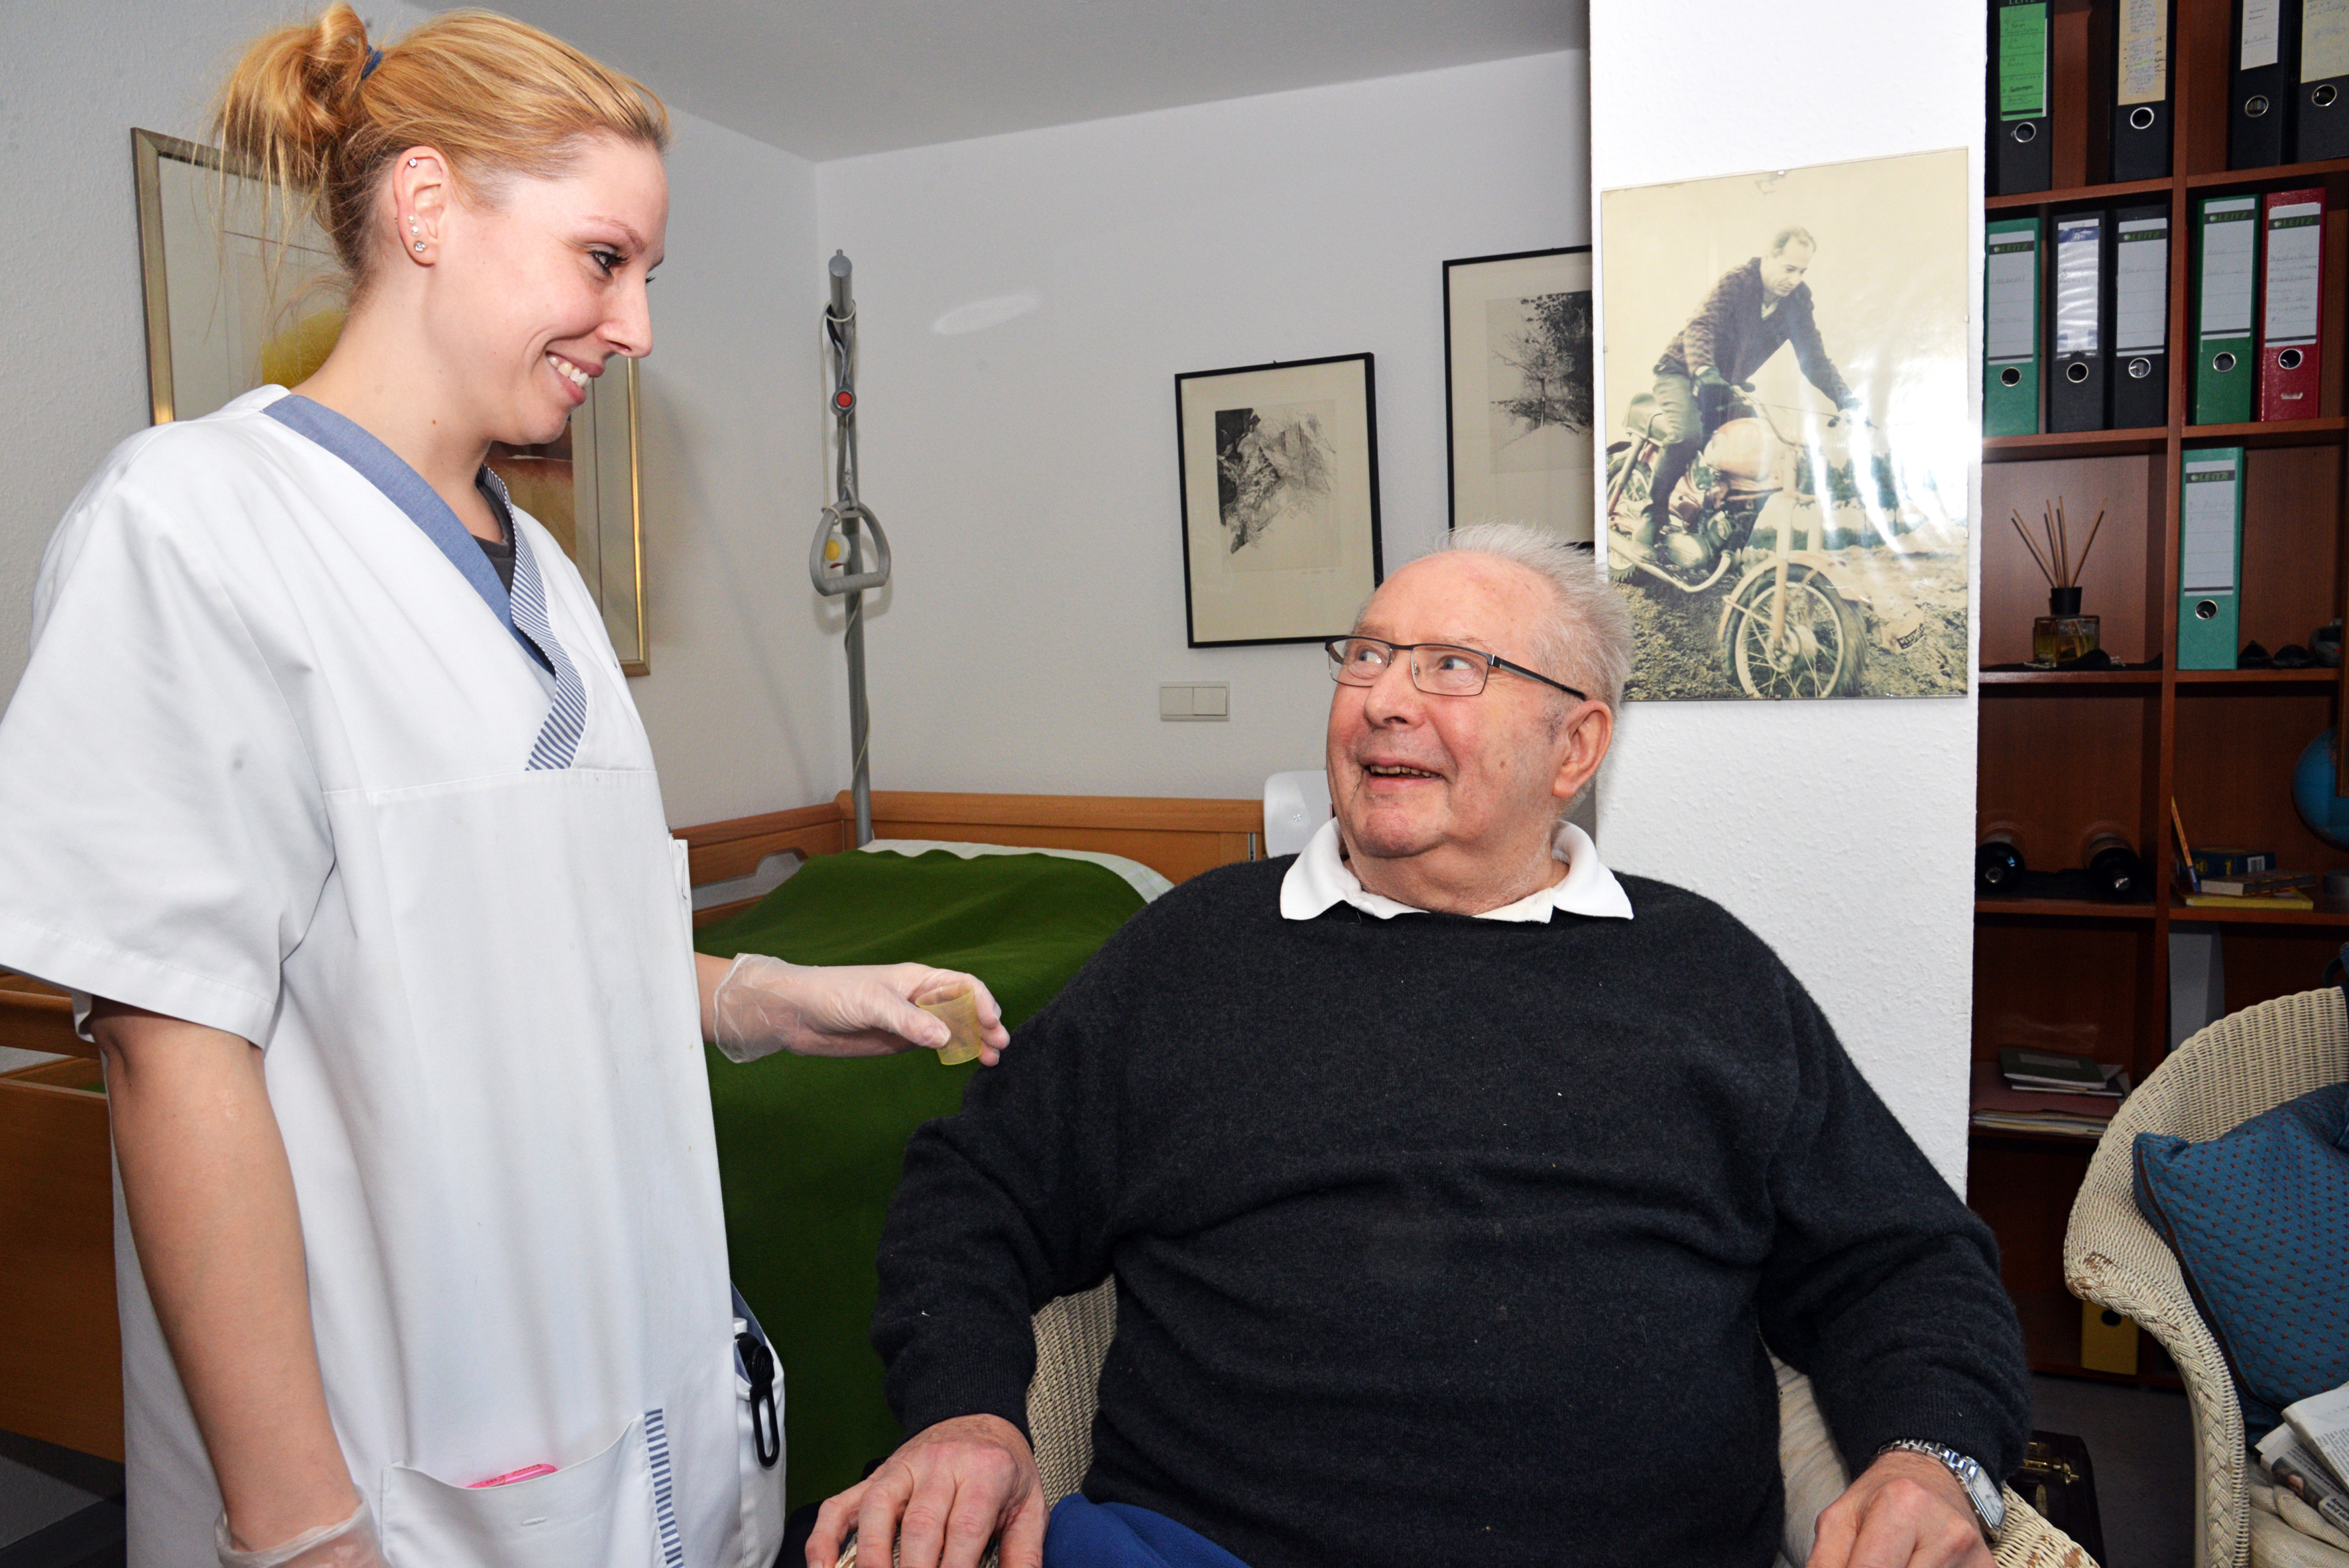 presse_pflegerin_patient